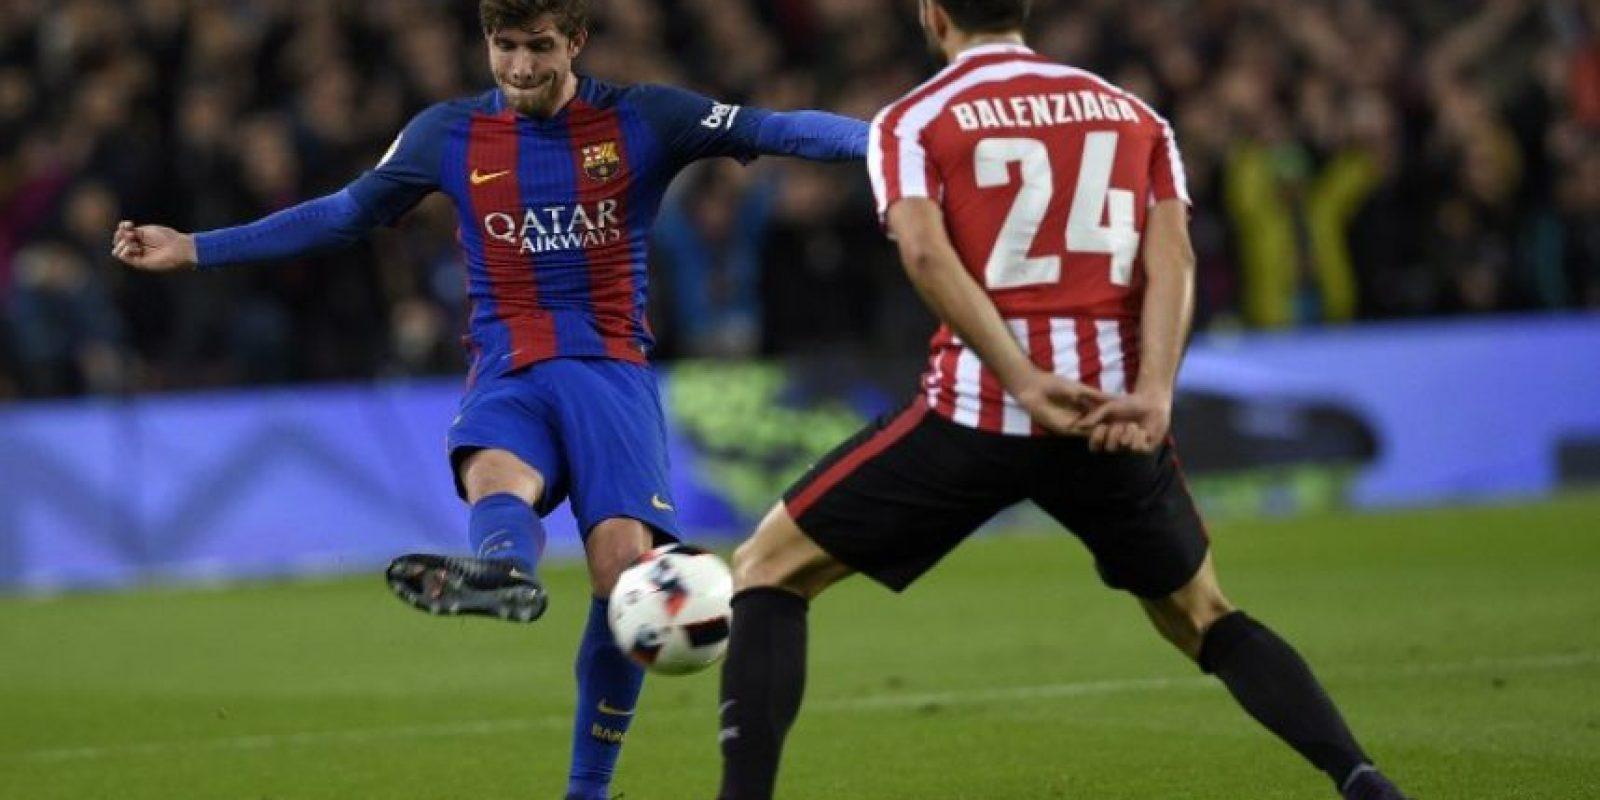 El cuadro azulgrana hizo valer su condición de local y revirtió la serie contra el conjunto vasco. Foto:AFP